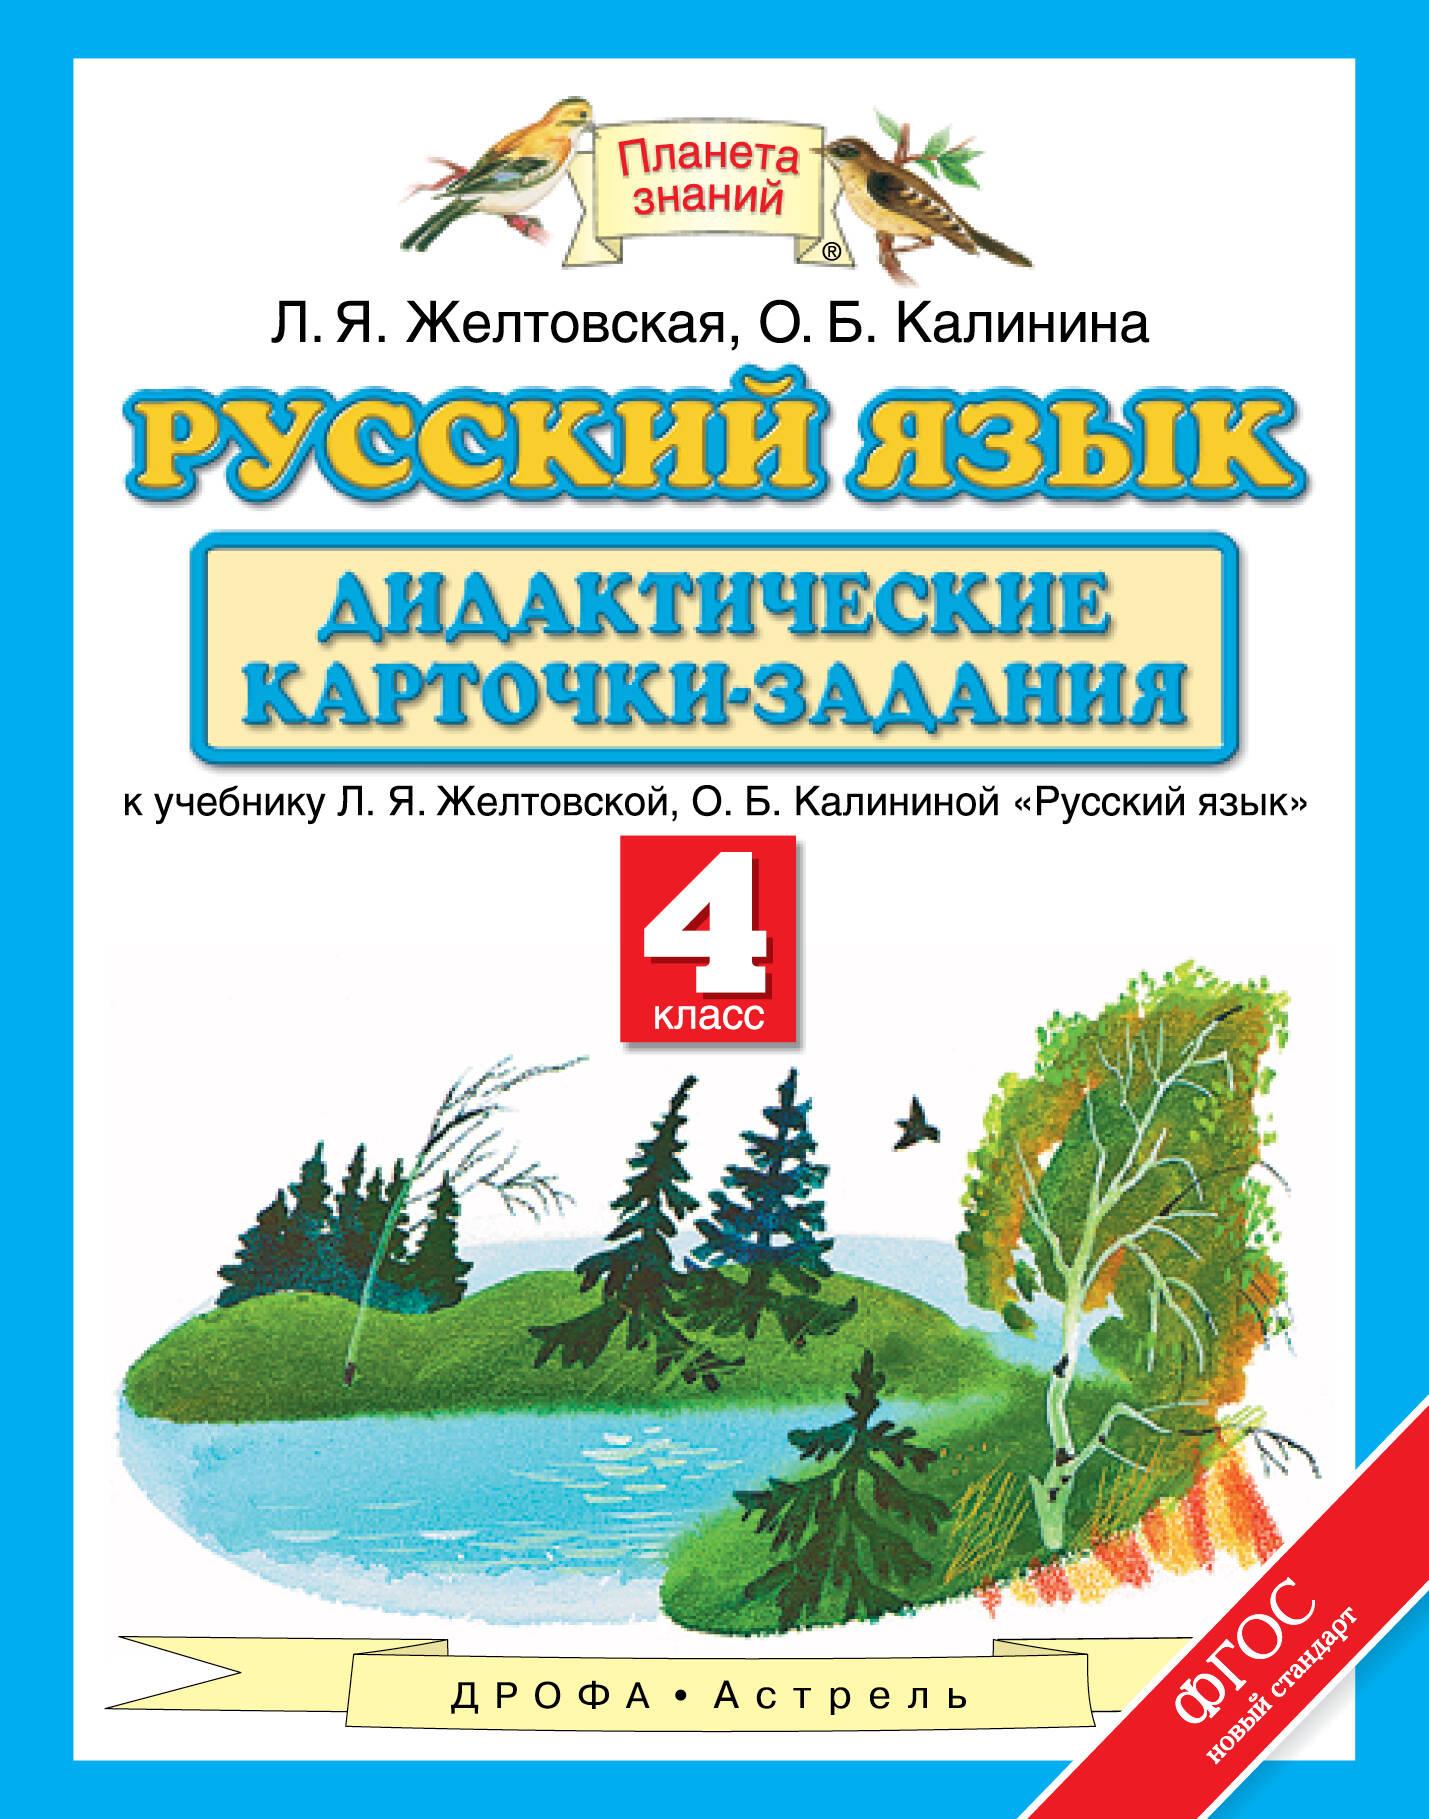 Русский язык. 4 класс. Дидактические карточки-задания